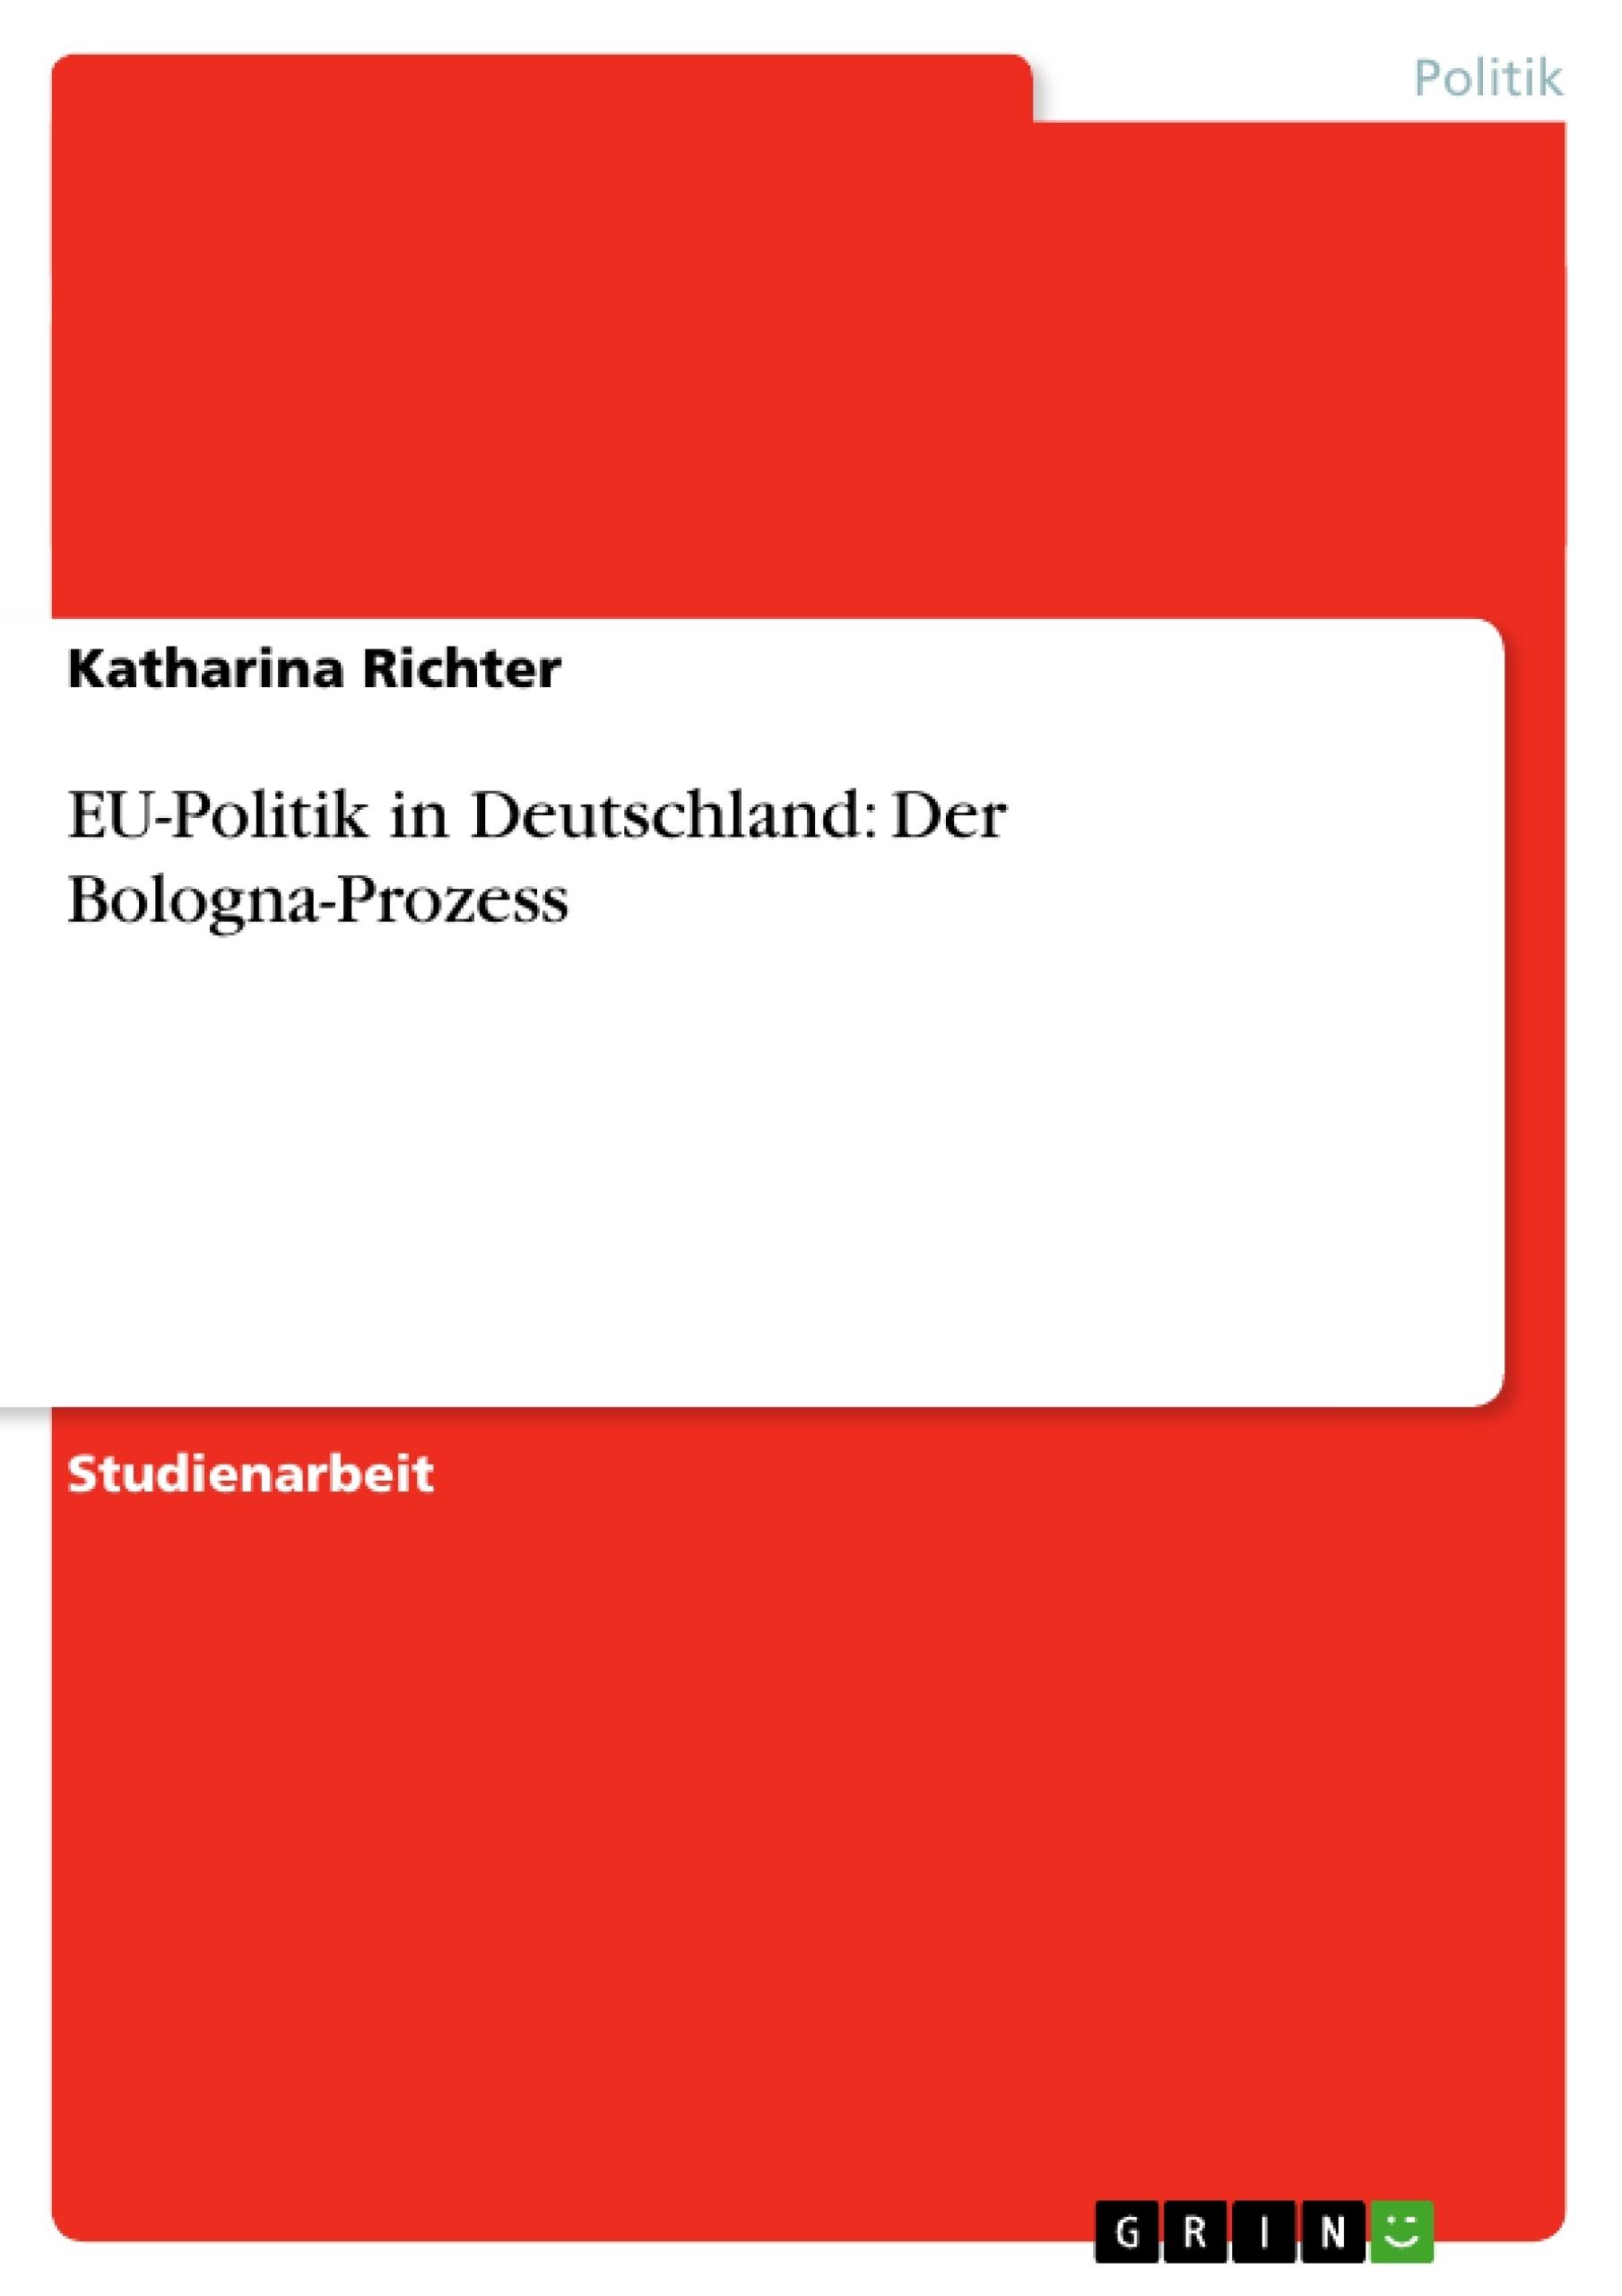 Titel: EU-Politik in Deutschland: Der Bologna-Prozess